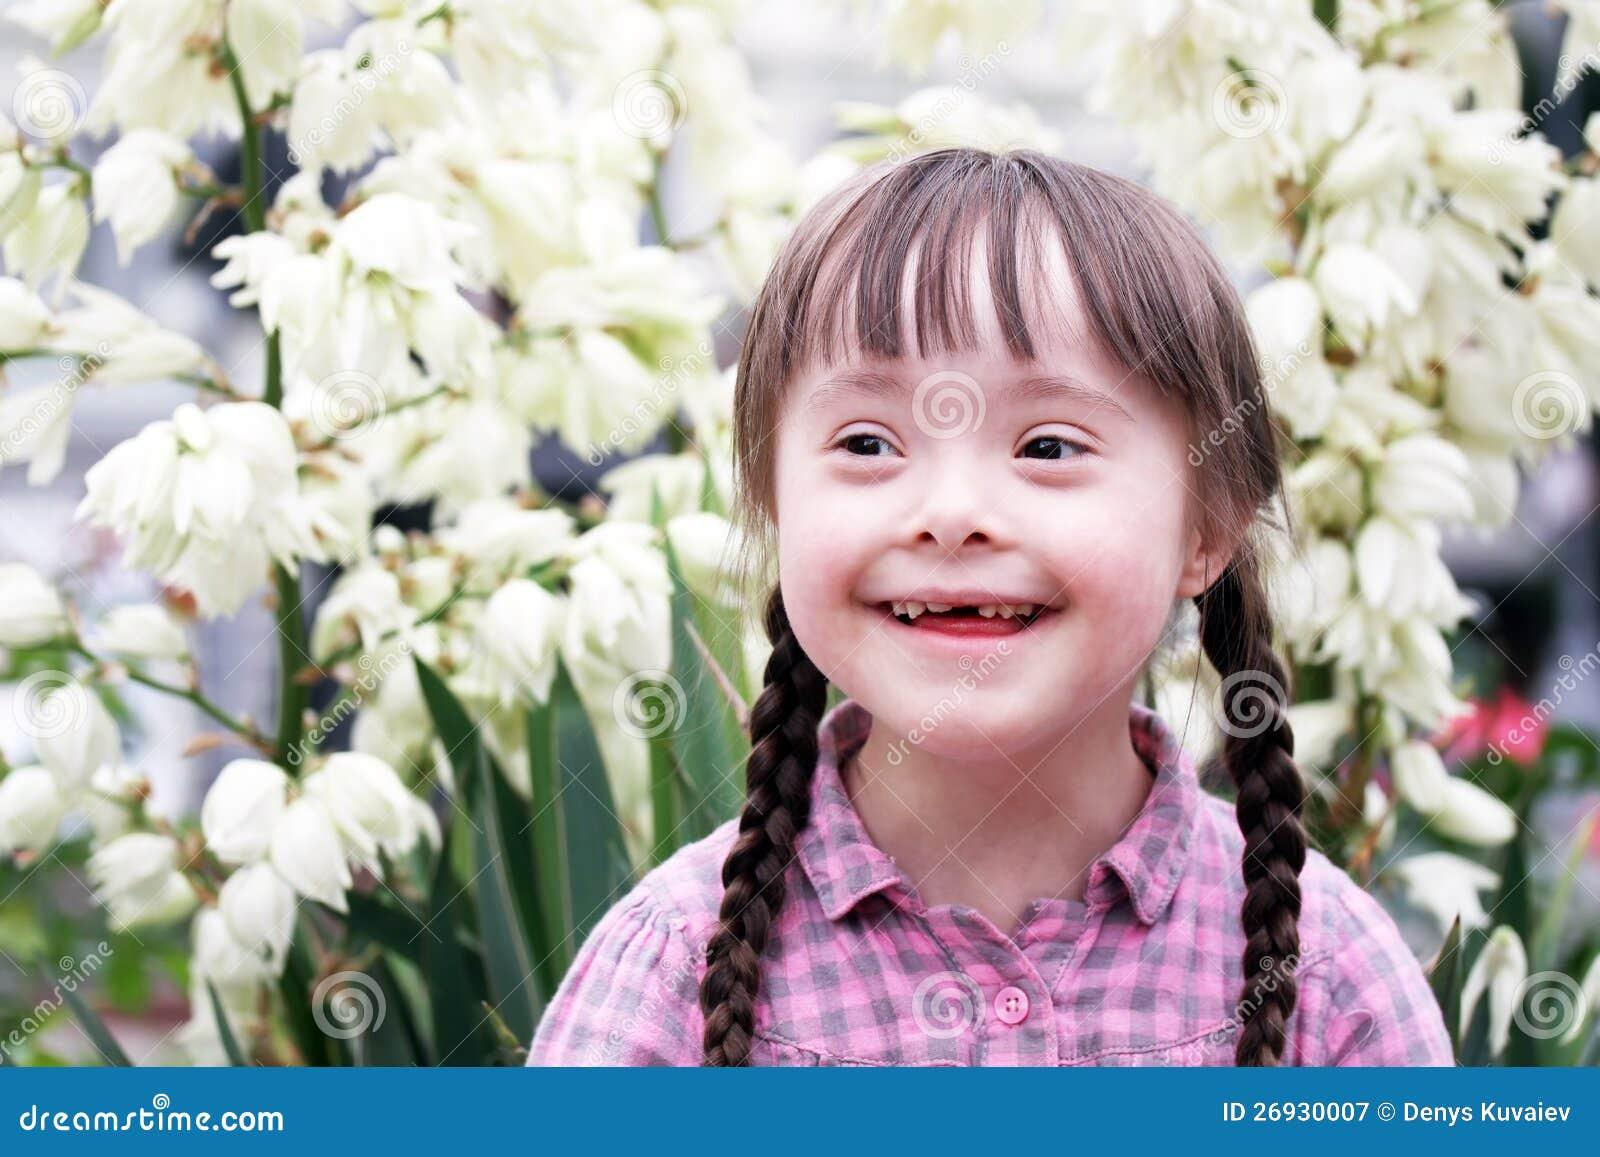 Retrato de la chica joven hermosa.